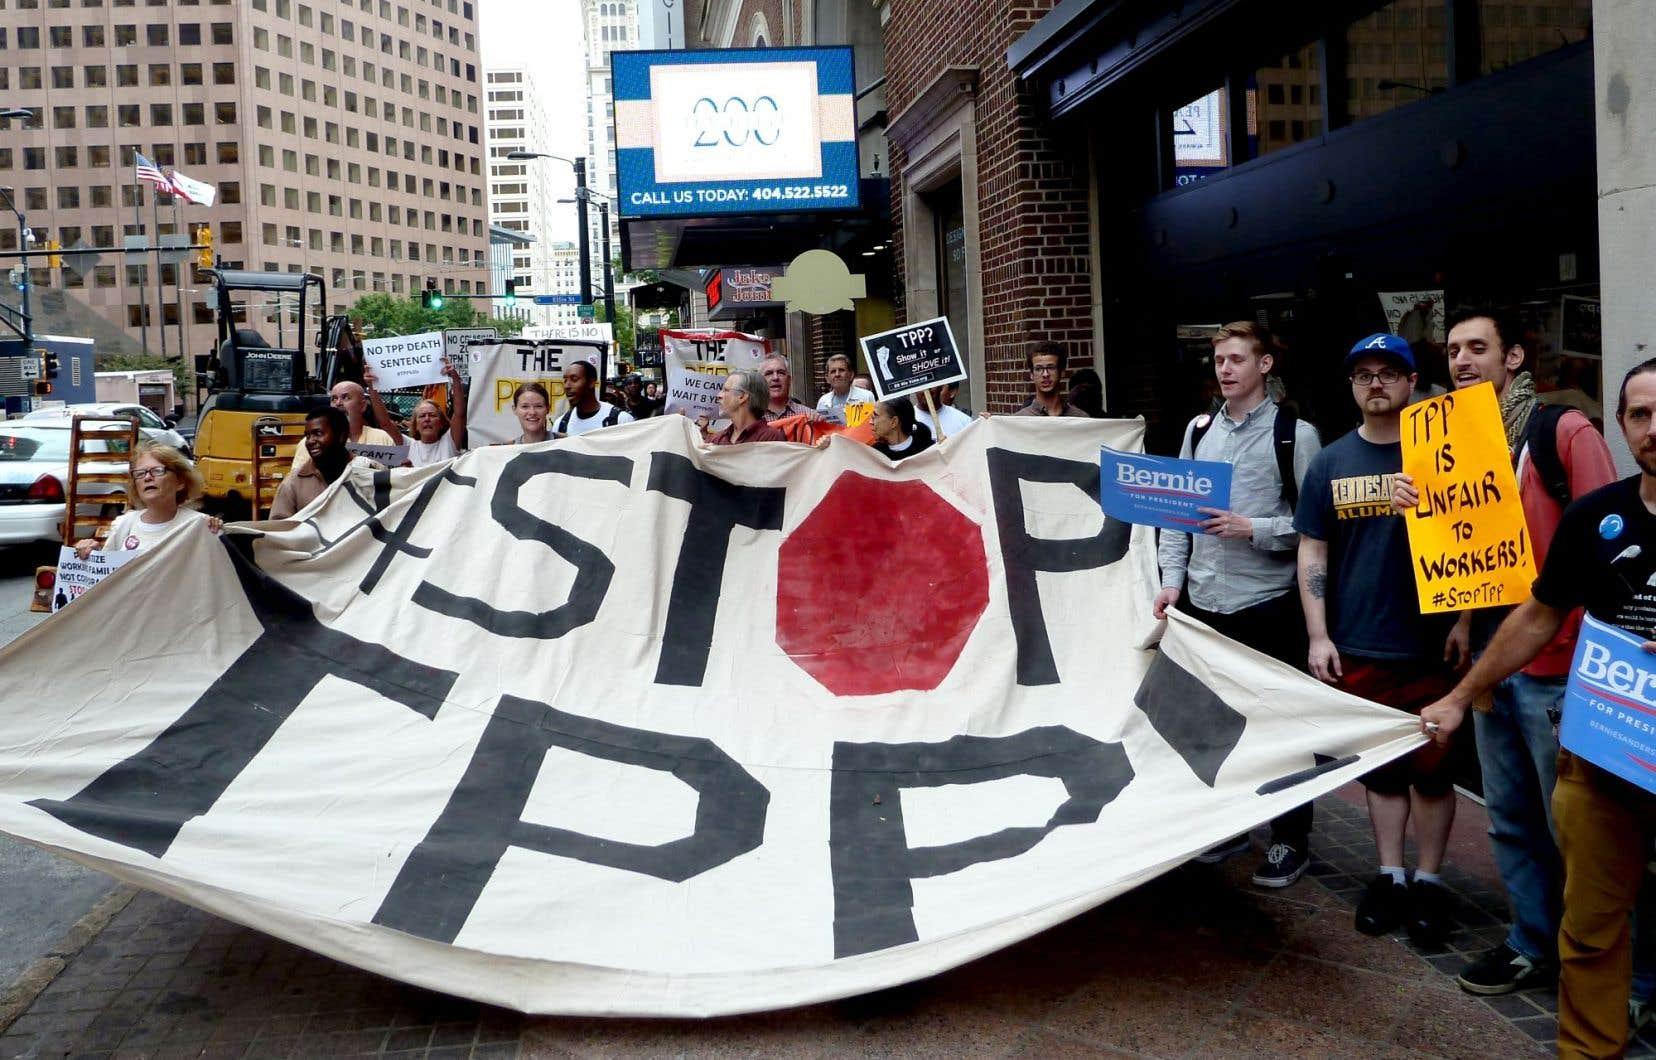 Des opposants au Partenariat transpacifique ont manifesté cette semaine à Atlanta où sont réunis les négociateurs du projet de libre-échange.